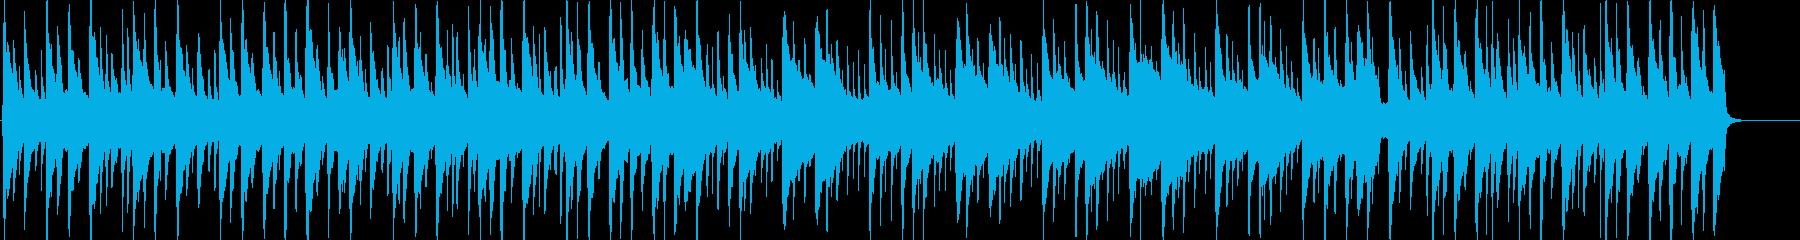 琴、三味線、尺八のほのぼの日常BGMの再生済みの波形